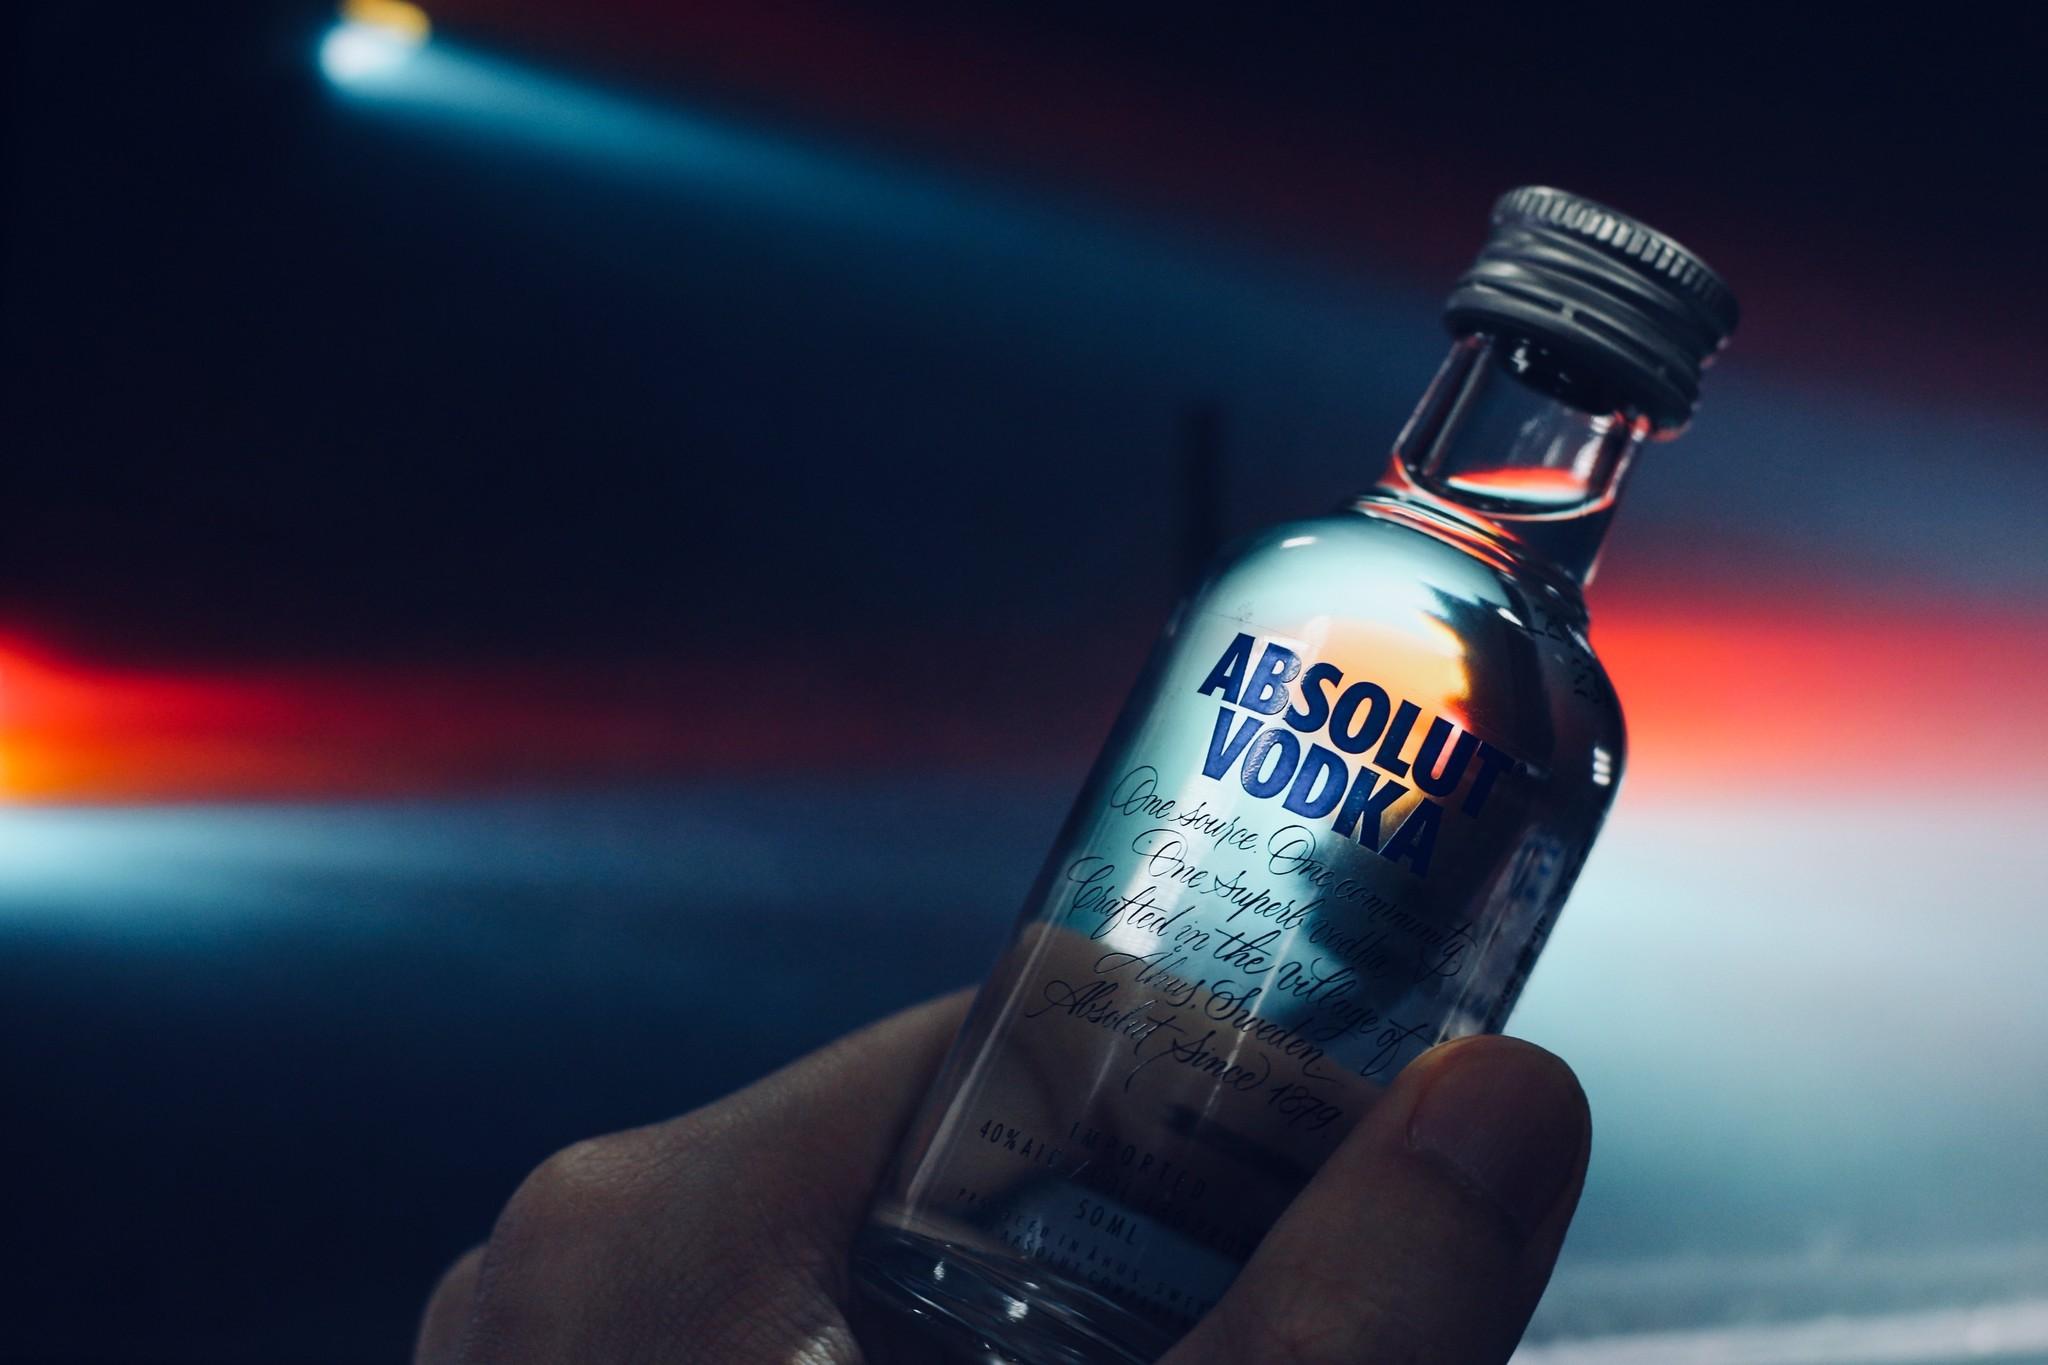 5x vodka geschenk voor de kerst – bekijk de mogelijkheden